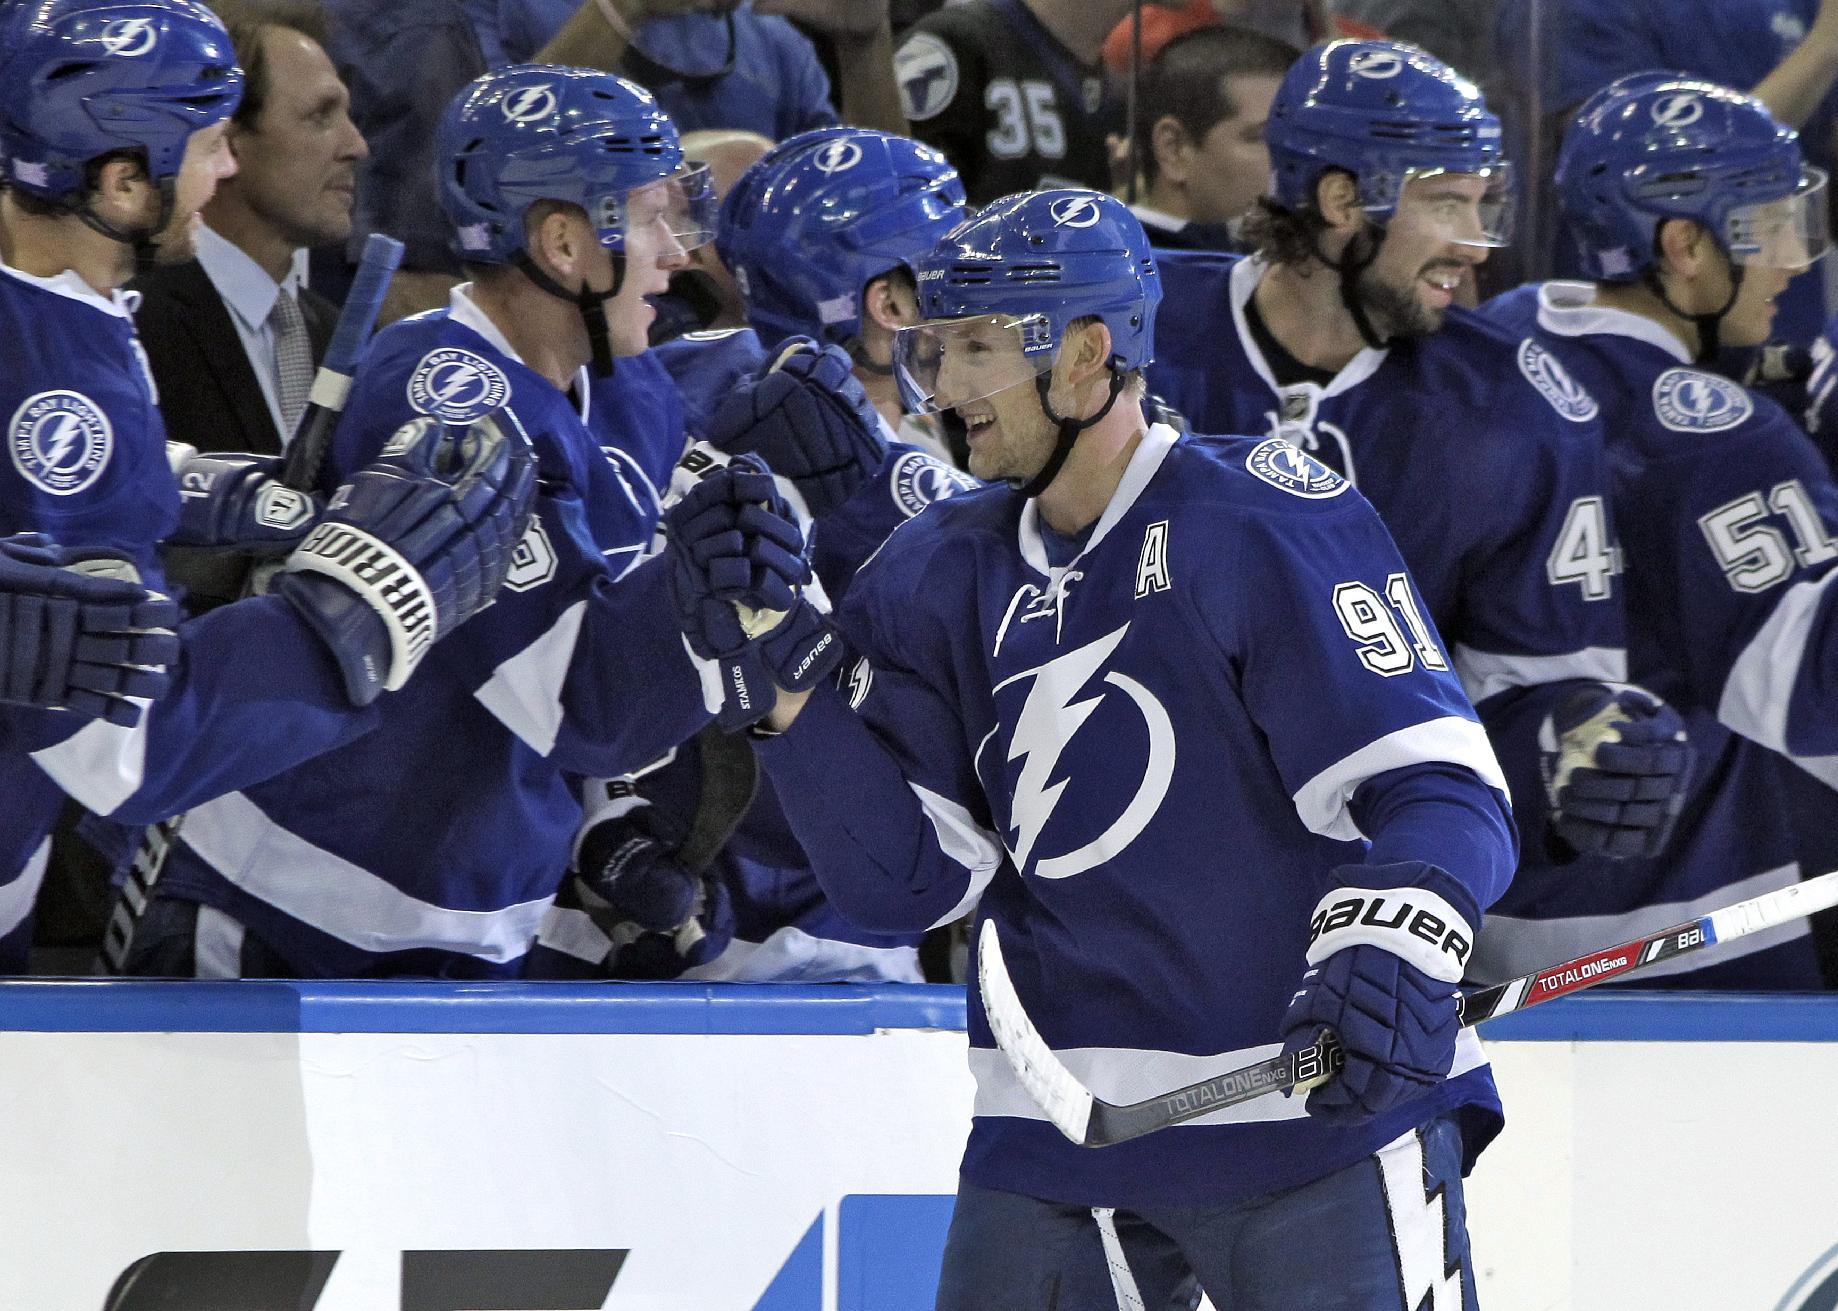 Stamkos has hat trick, Lightning beat Panthers